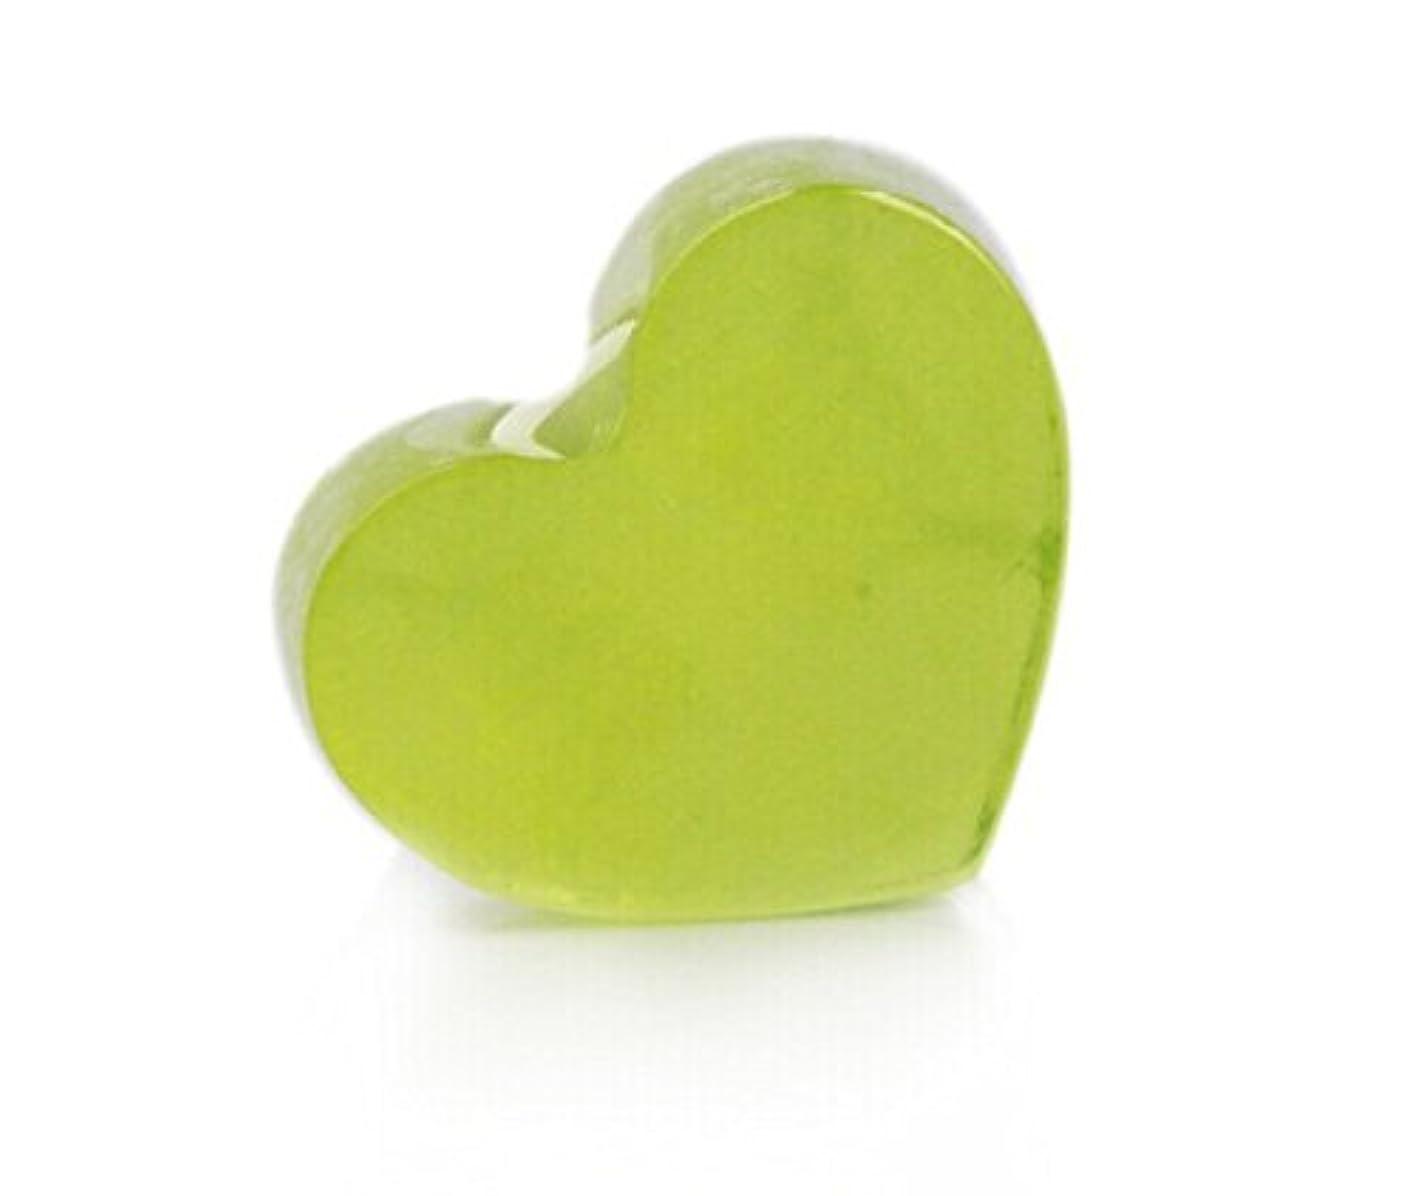 不規則な有利歯痛緑茶クレンジングディープクリーンにきび跡削除手作りオイルソープ  90g